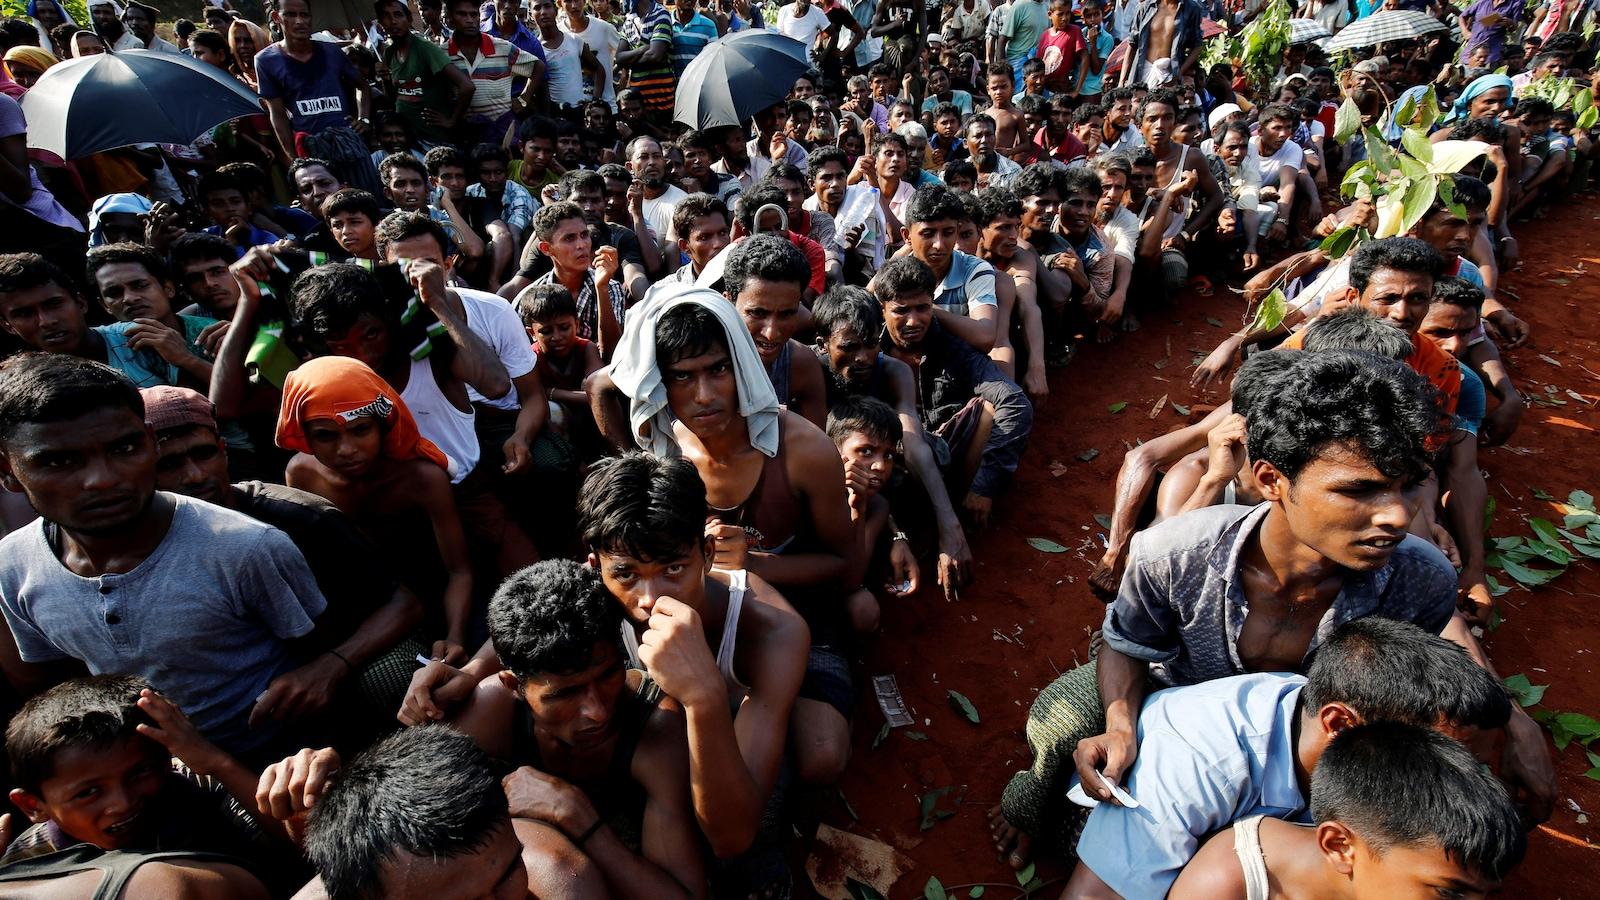 Des centaines de réfugiés rohingyas attendent de recevoir des rations alimentaires à Cox Bazar, au Bangladesh.